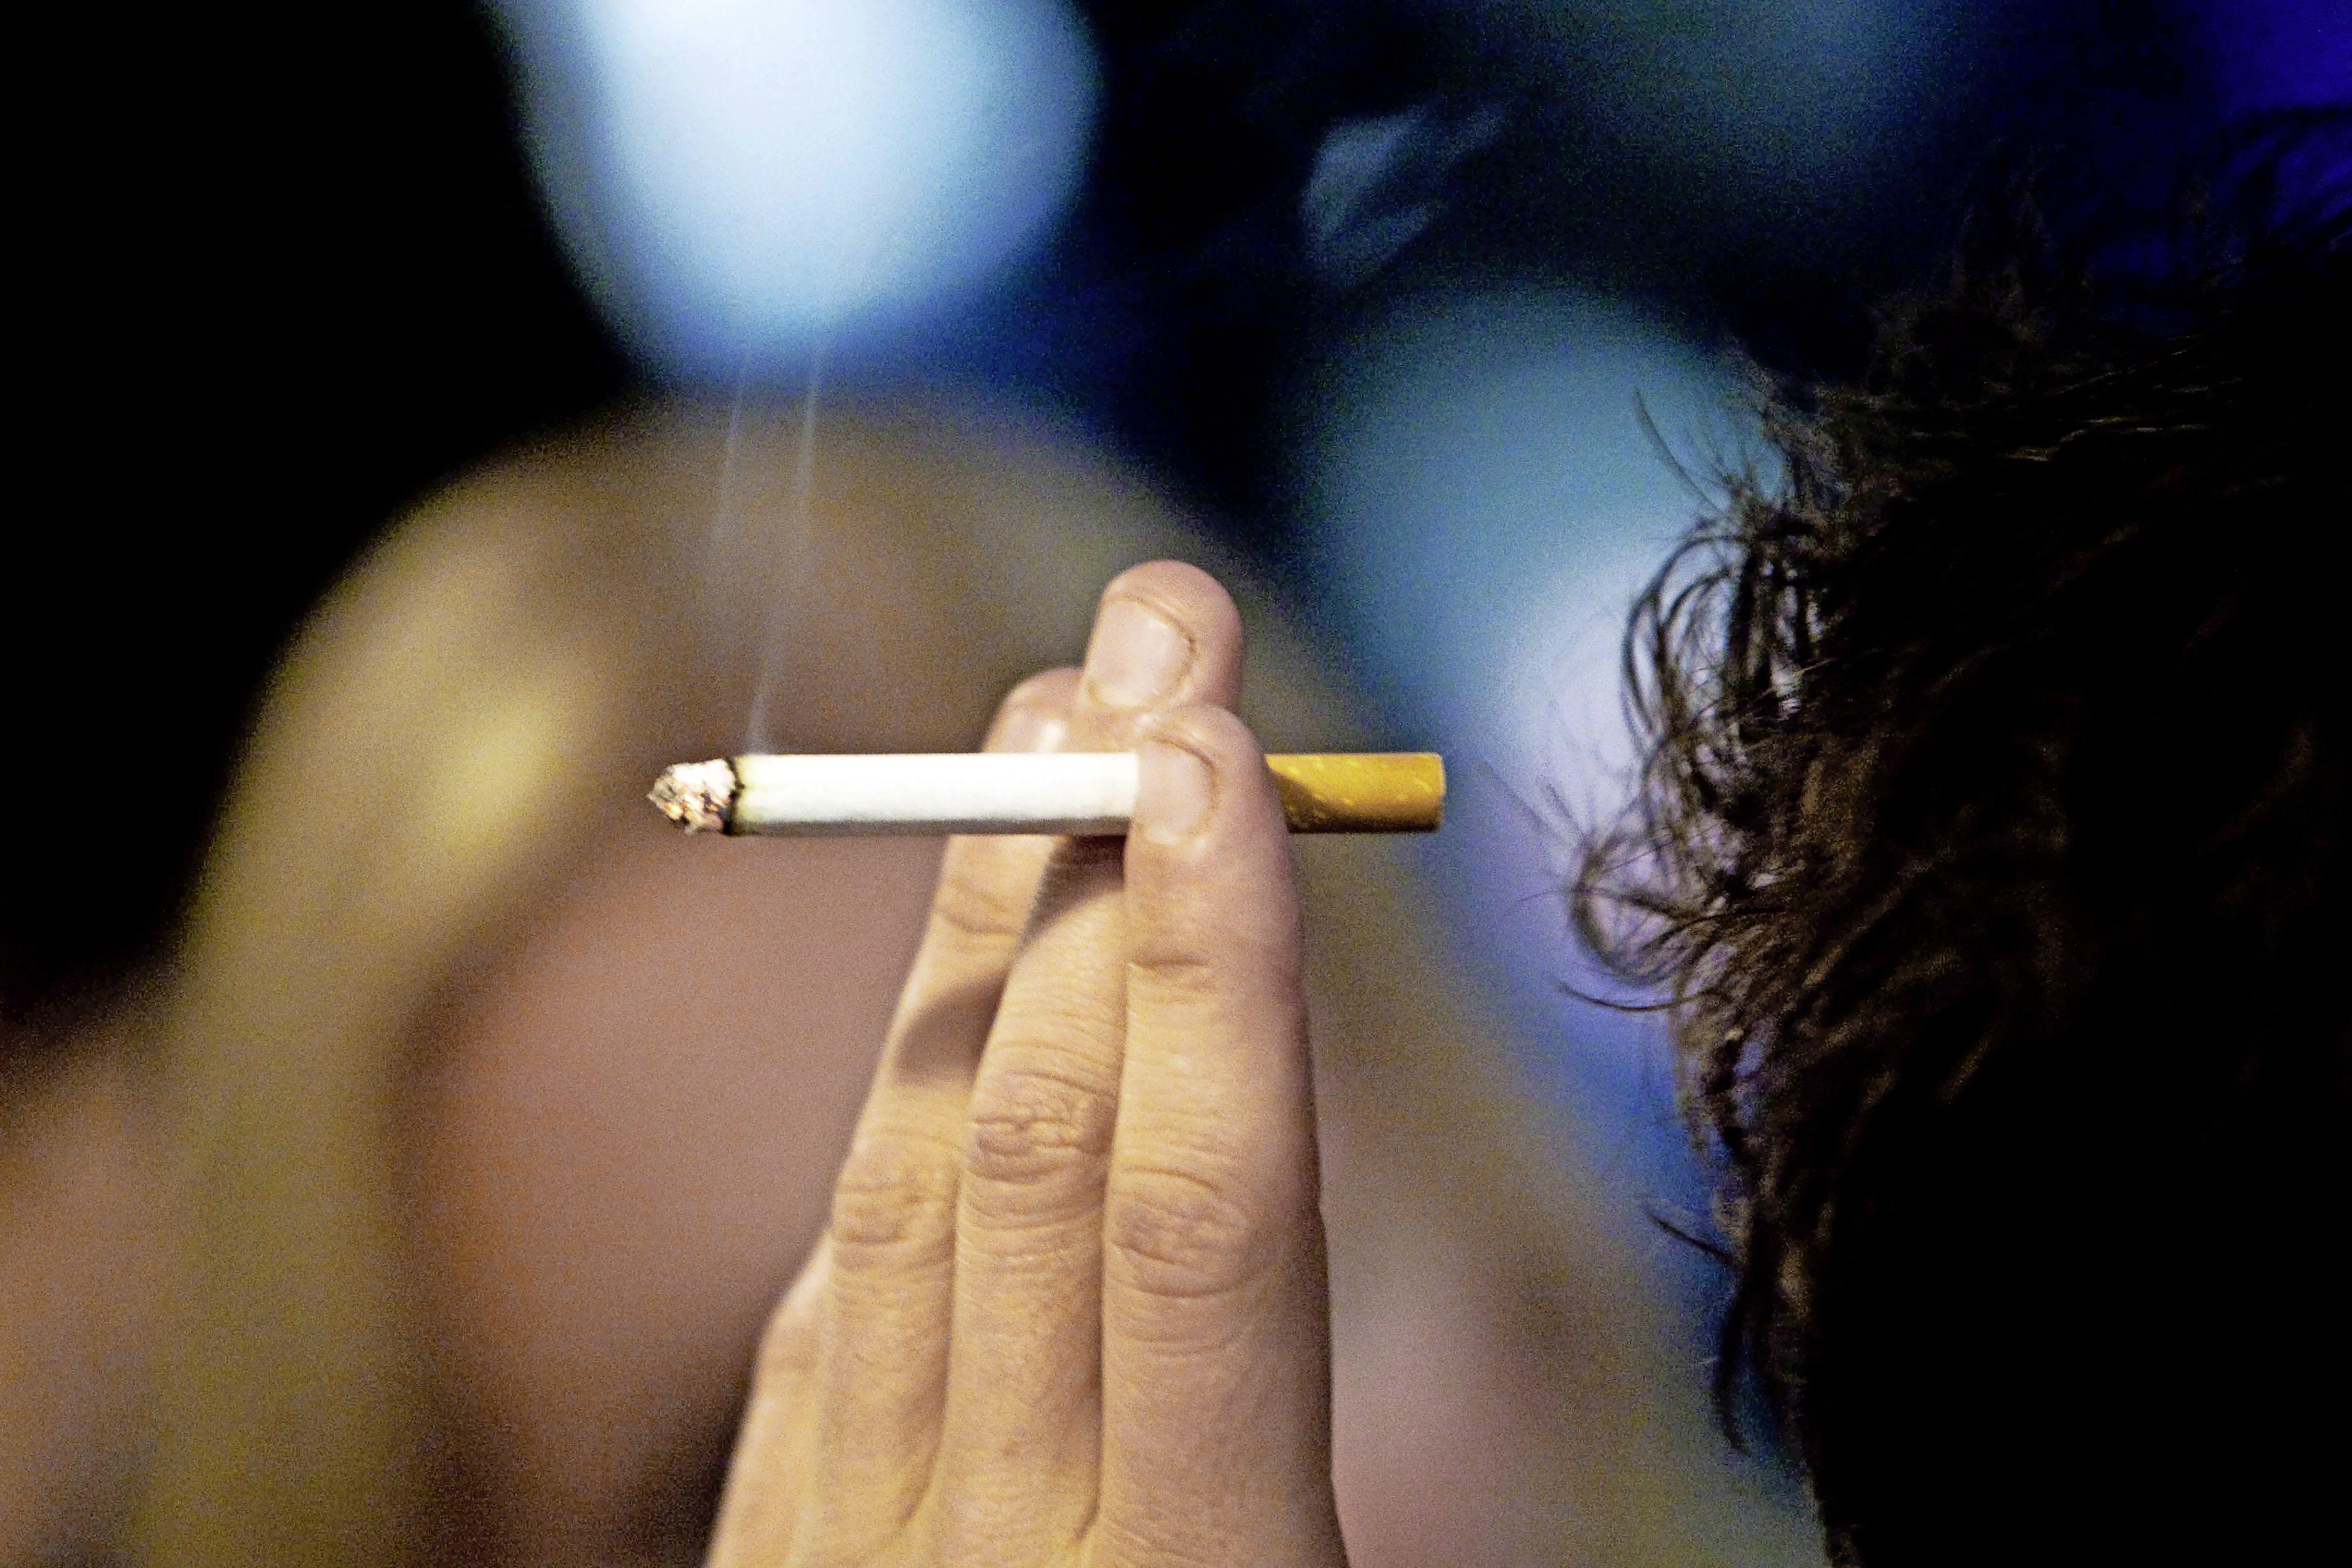 'Als je wilt roken ga je maar een stukje lopen': rokende ambtenaren in Hoofddorp worden ontmoedigd